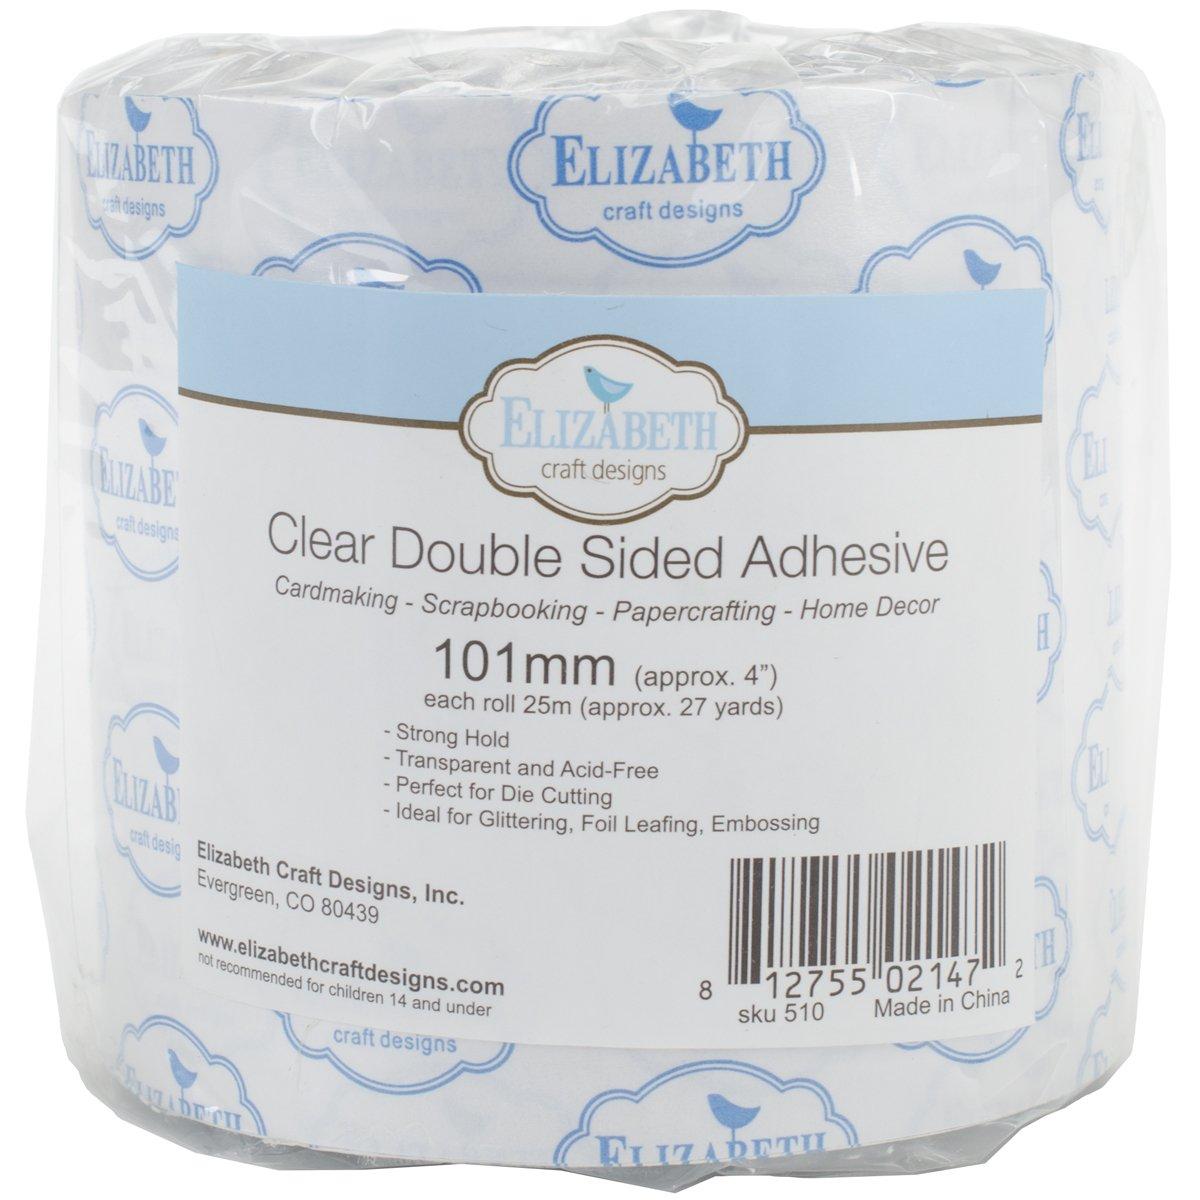 Elizabeth Craft Designs EC510 Clear Double Sided Adhesive Tape 4'' X27yd, by Elizabeth Craft Designs